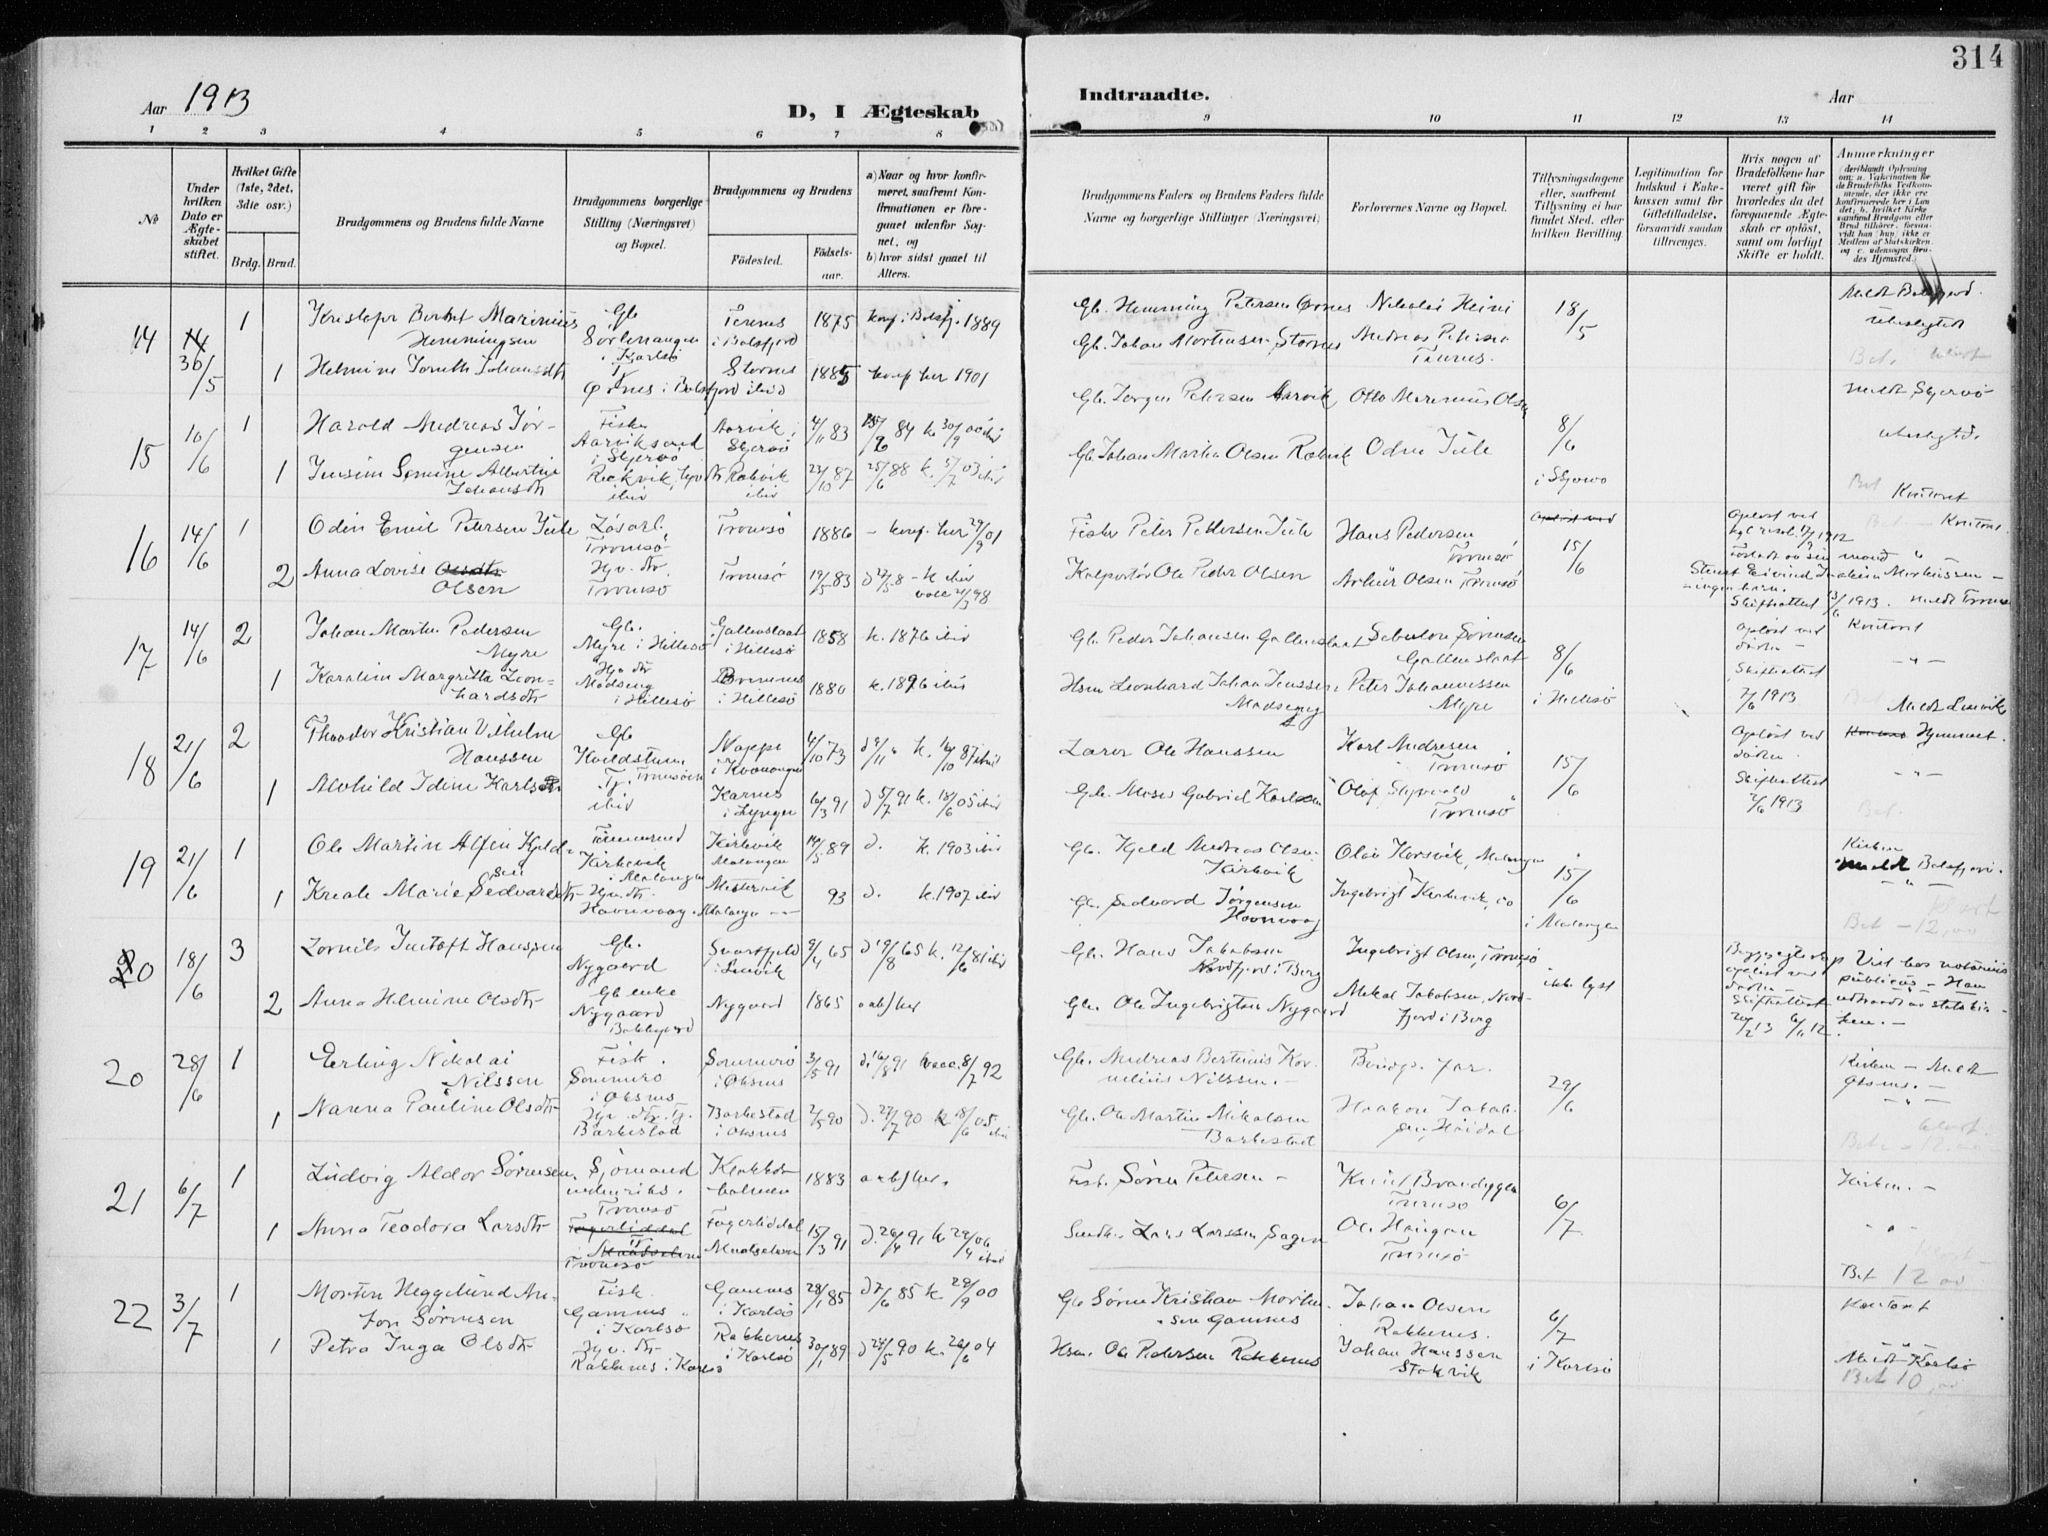 SATØ, Tromsøysund sokneprestkontor, G/Ga/L0007kirke: Ministerialbok nr. 7, 1907-1914, s. 314